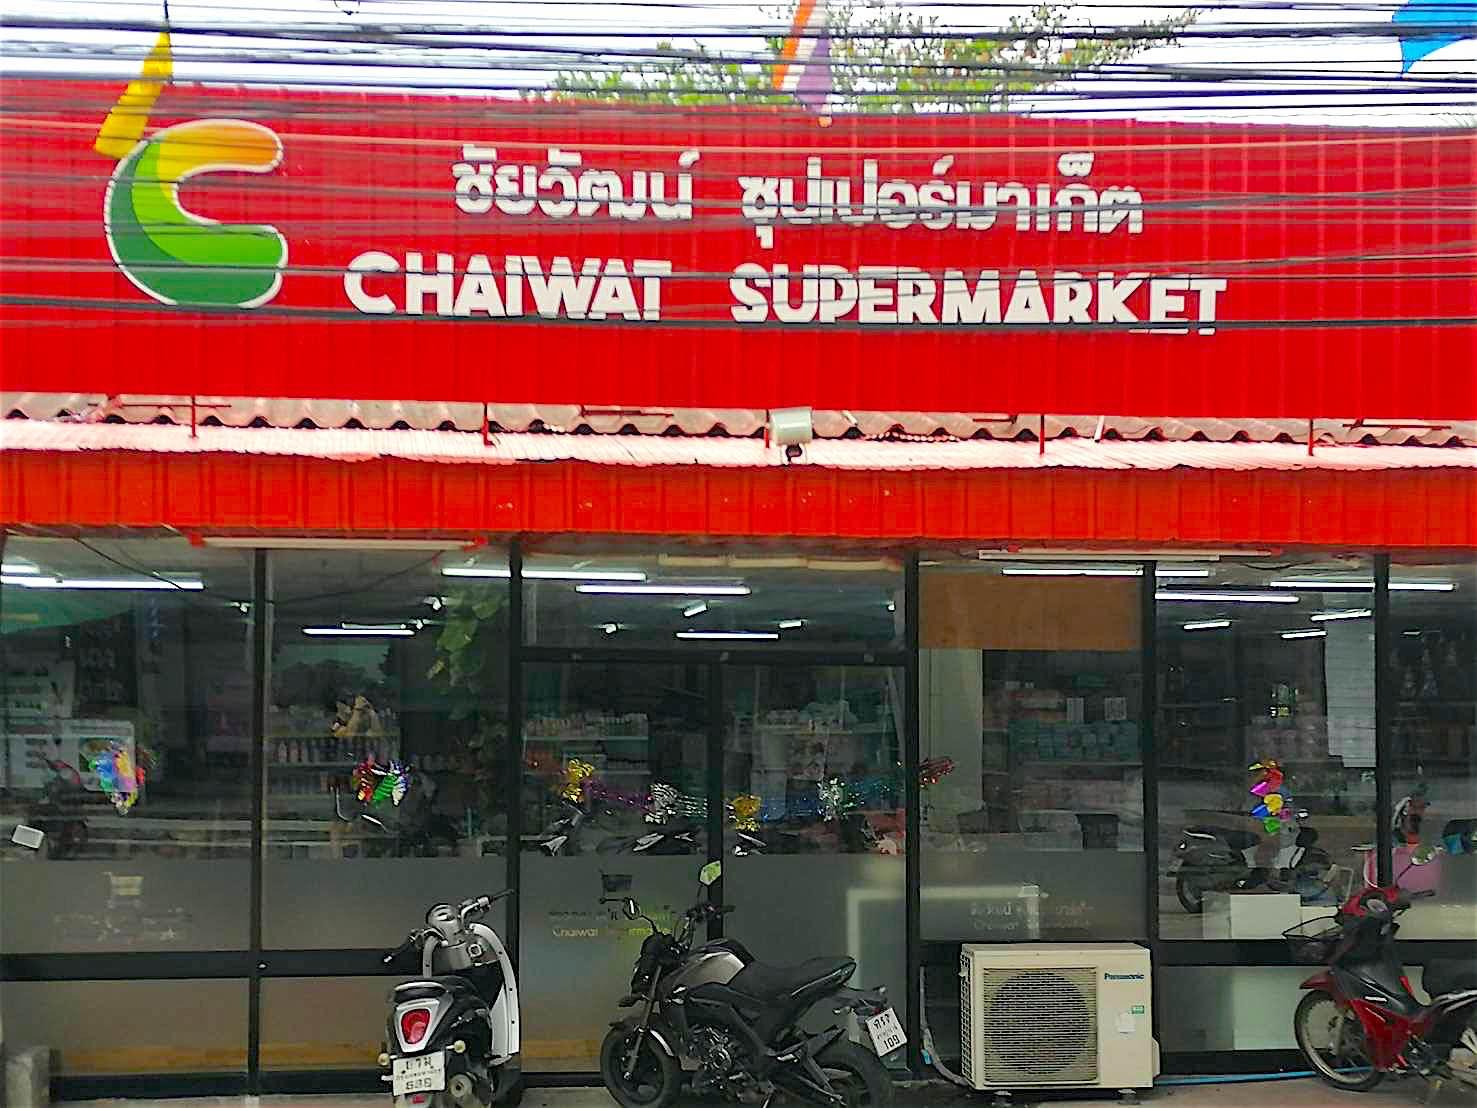 www.thefunkyturtle.com chaiwat supermarket koh tao